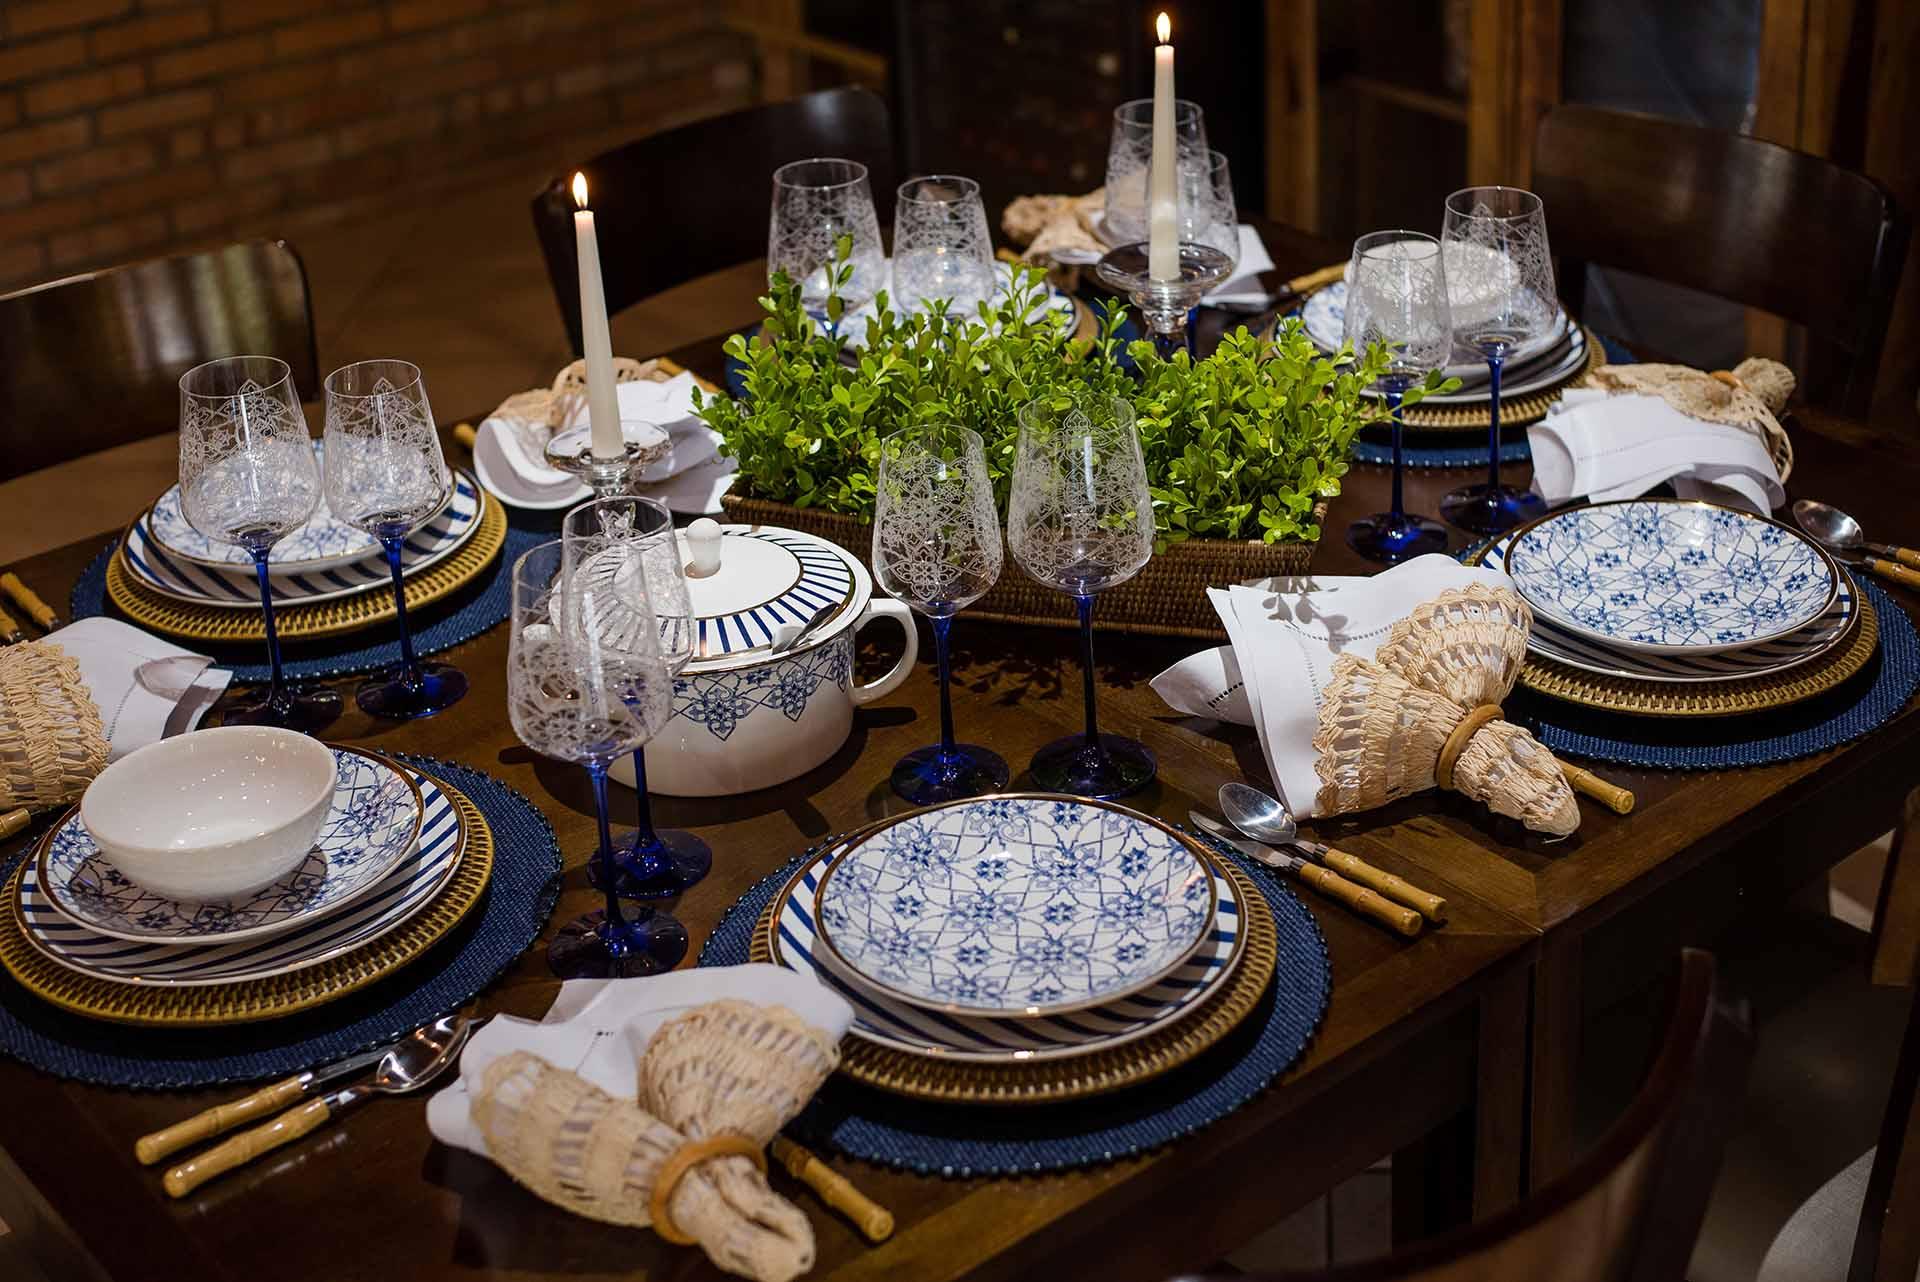 Texto: Louças e taças com a decoração Lusitana, da Oxford, trazem cor e alegria para a noite de sopas. Foto: Karla Rudnick.